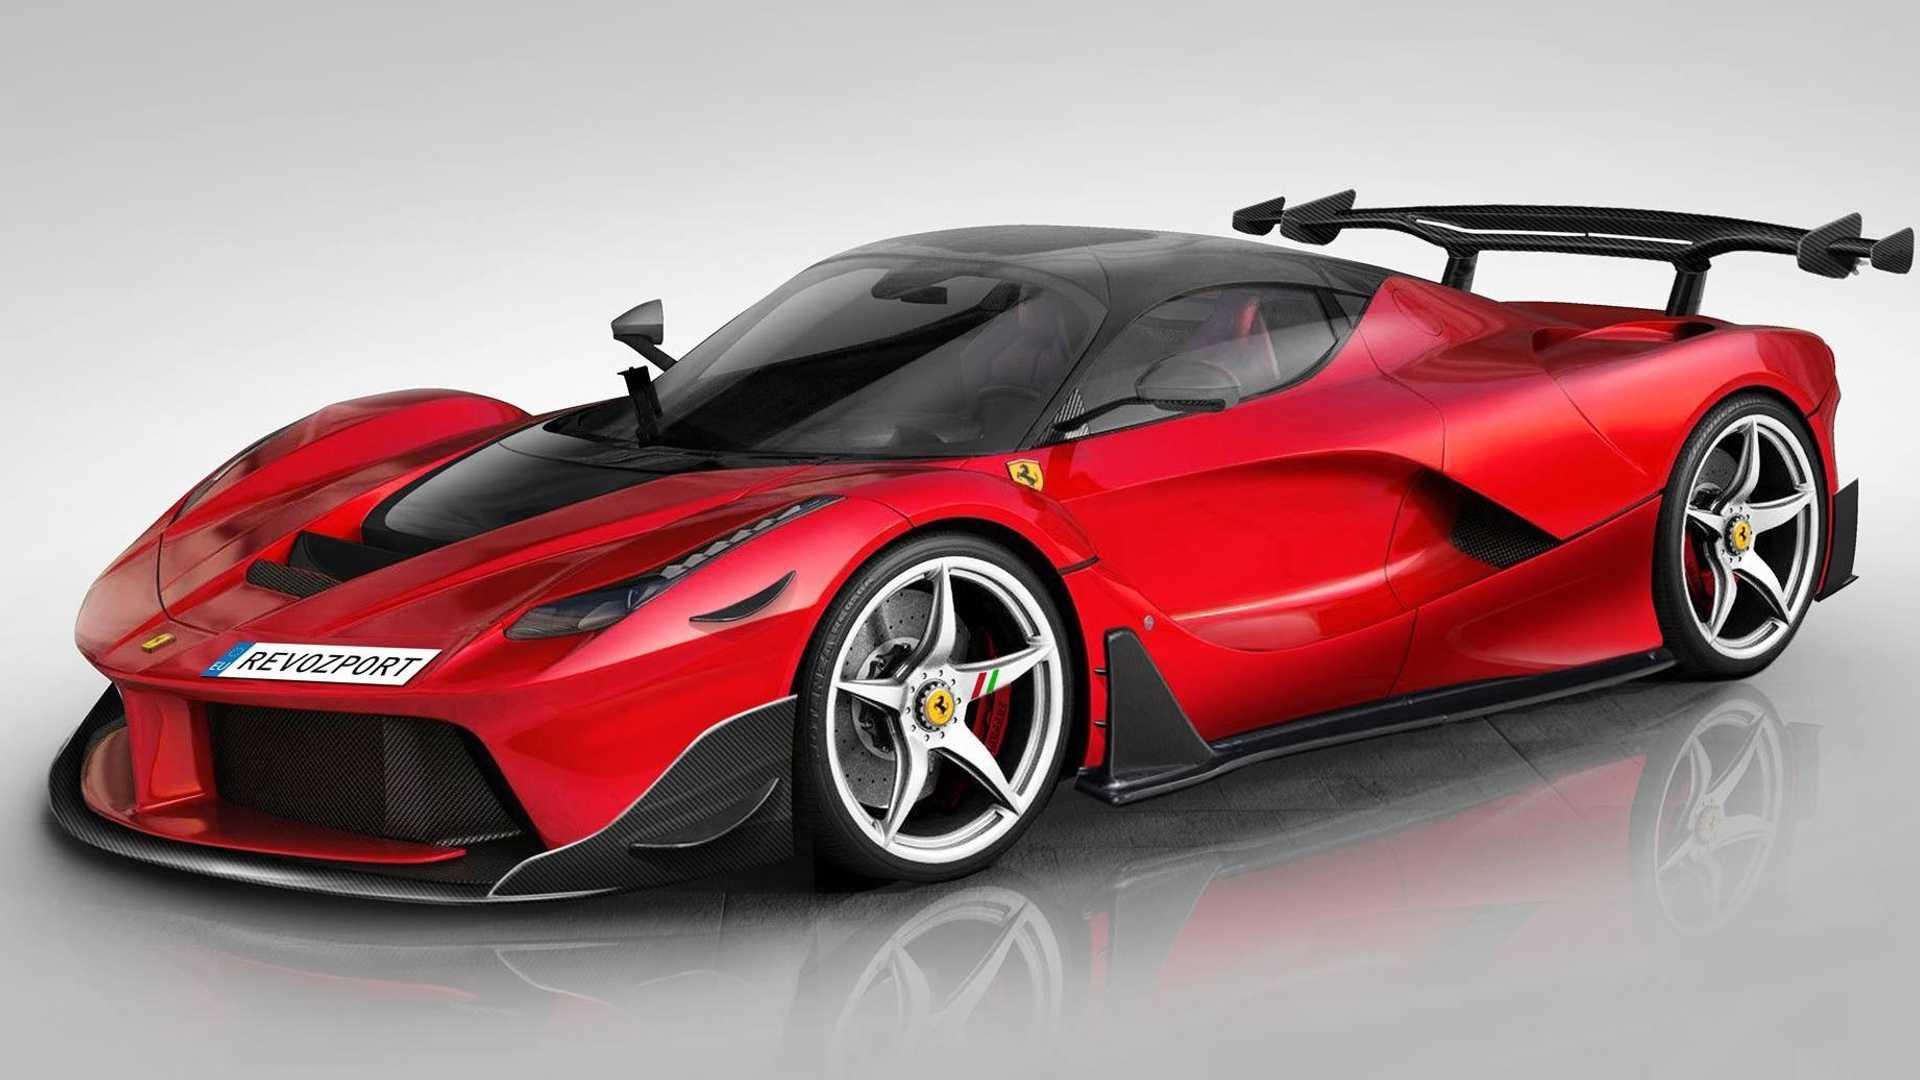 Siêu phẩm Ferrari LaFerrari 'lên thần' bằng gói nâng cấp mới - CafeAuto.Vn